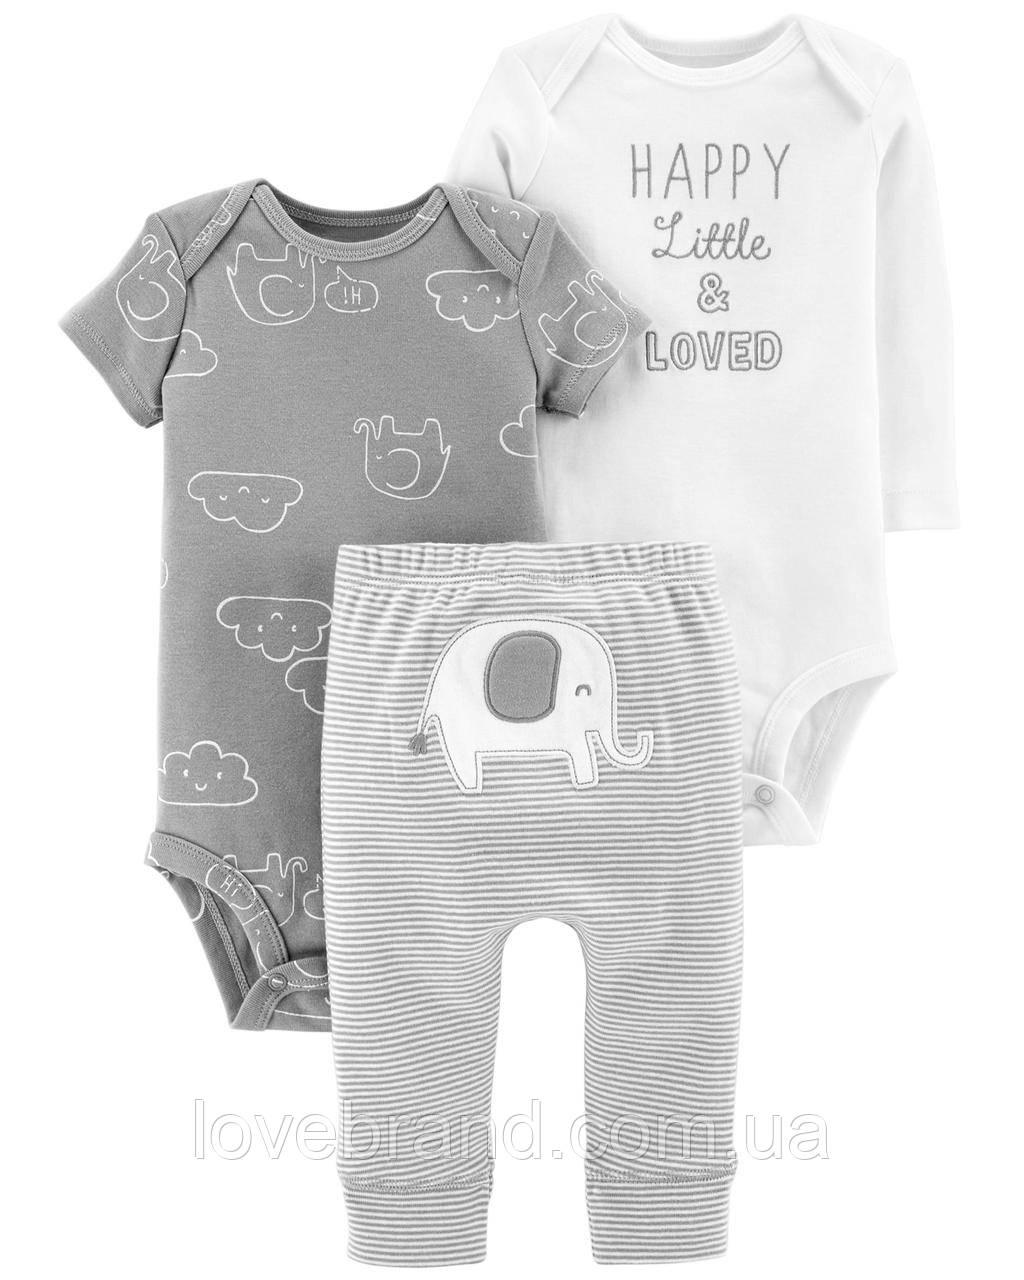 Набор для новорожденного Carter's (картерс)  Слоник,  два боди и штанишки 9 мес/67-72 см